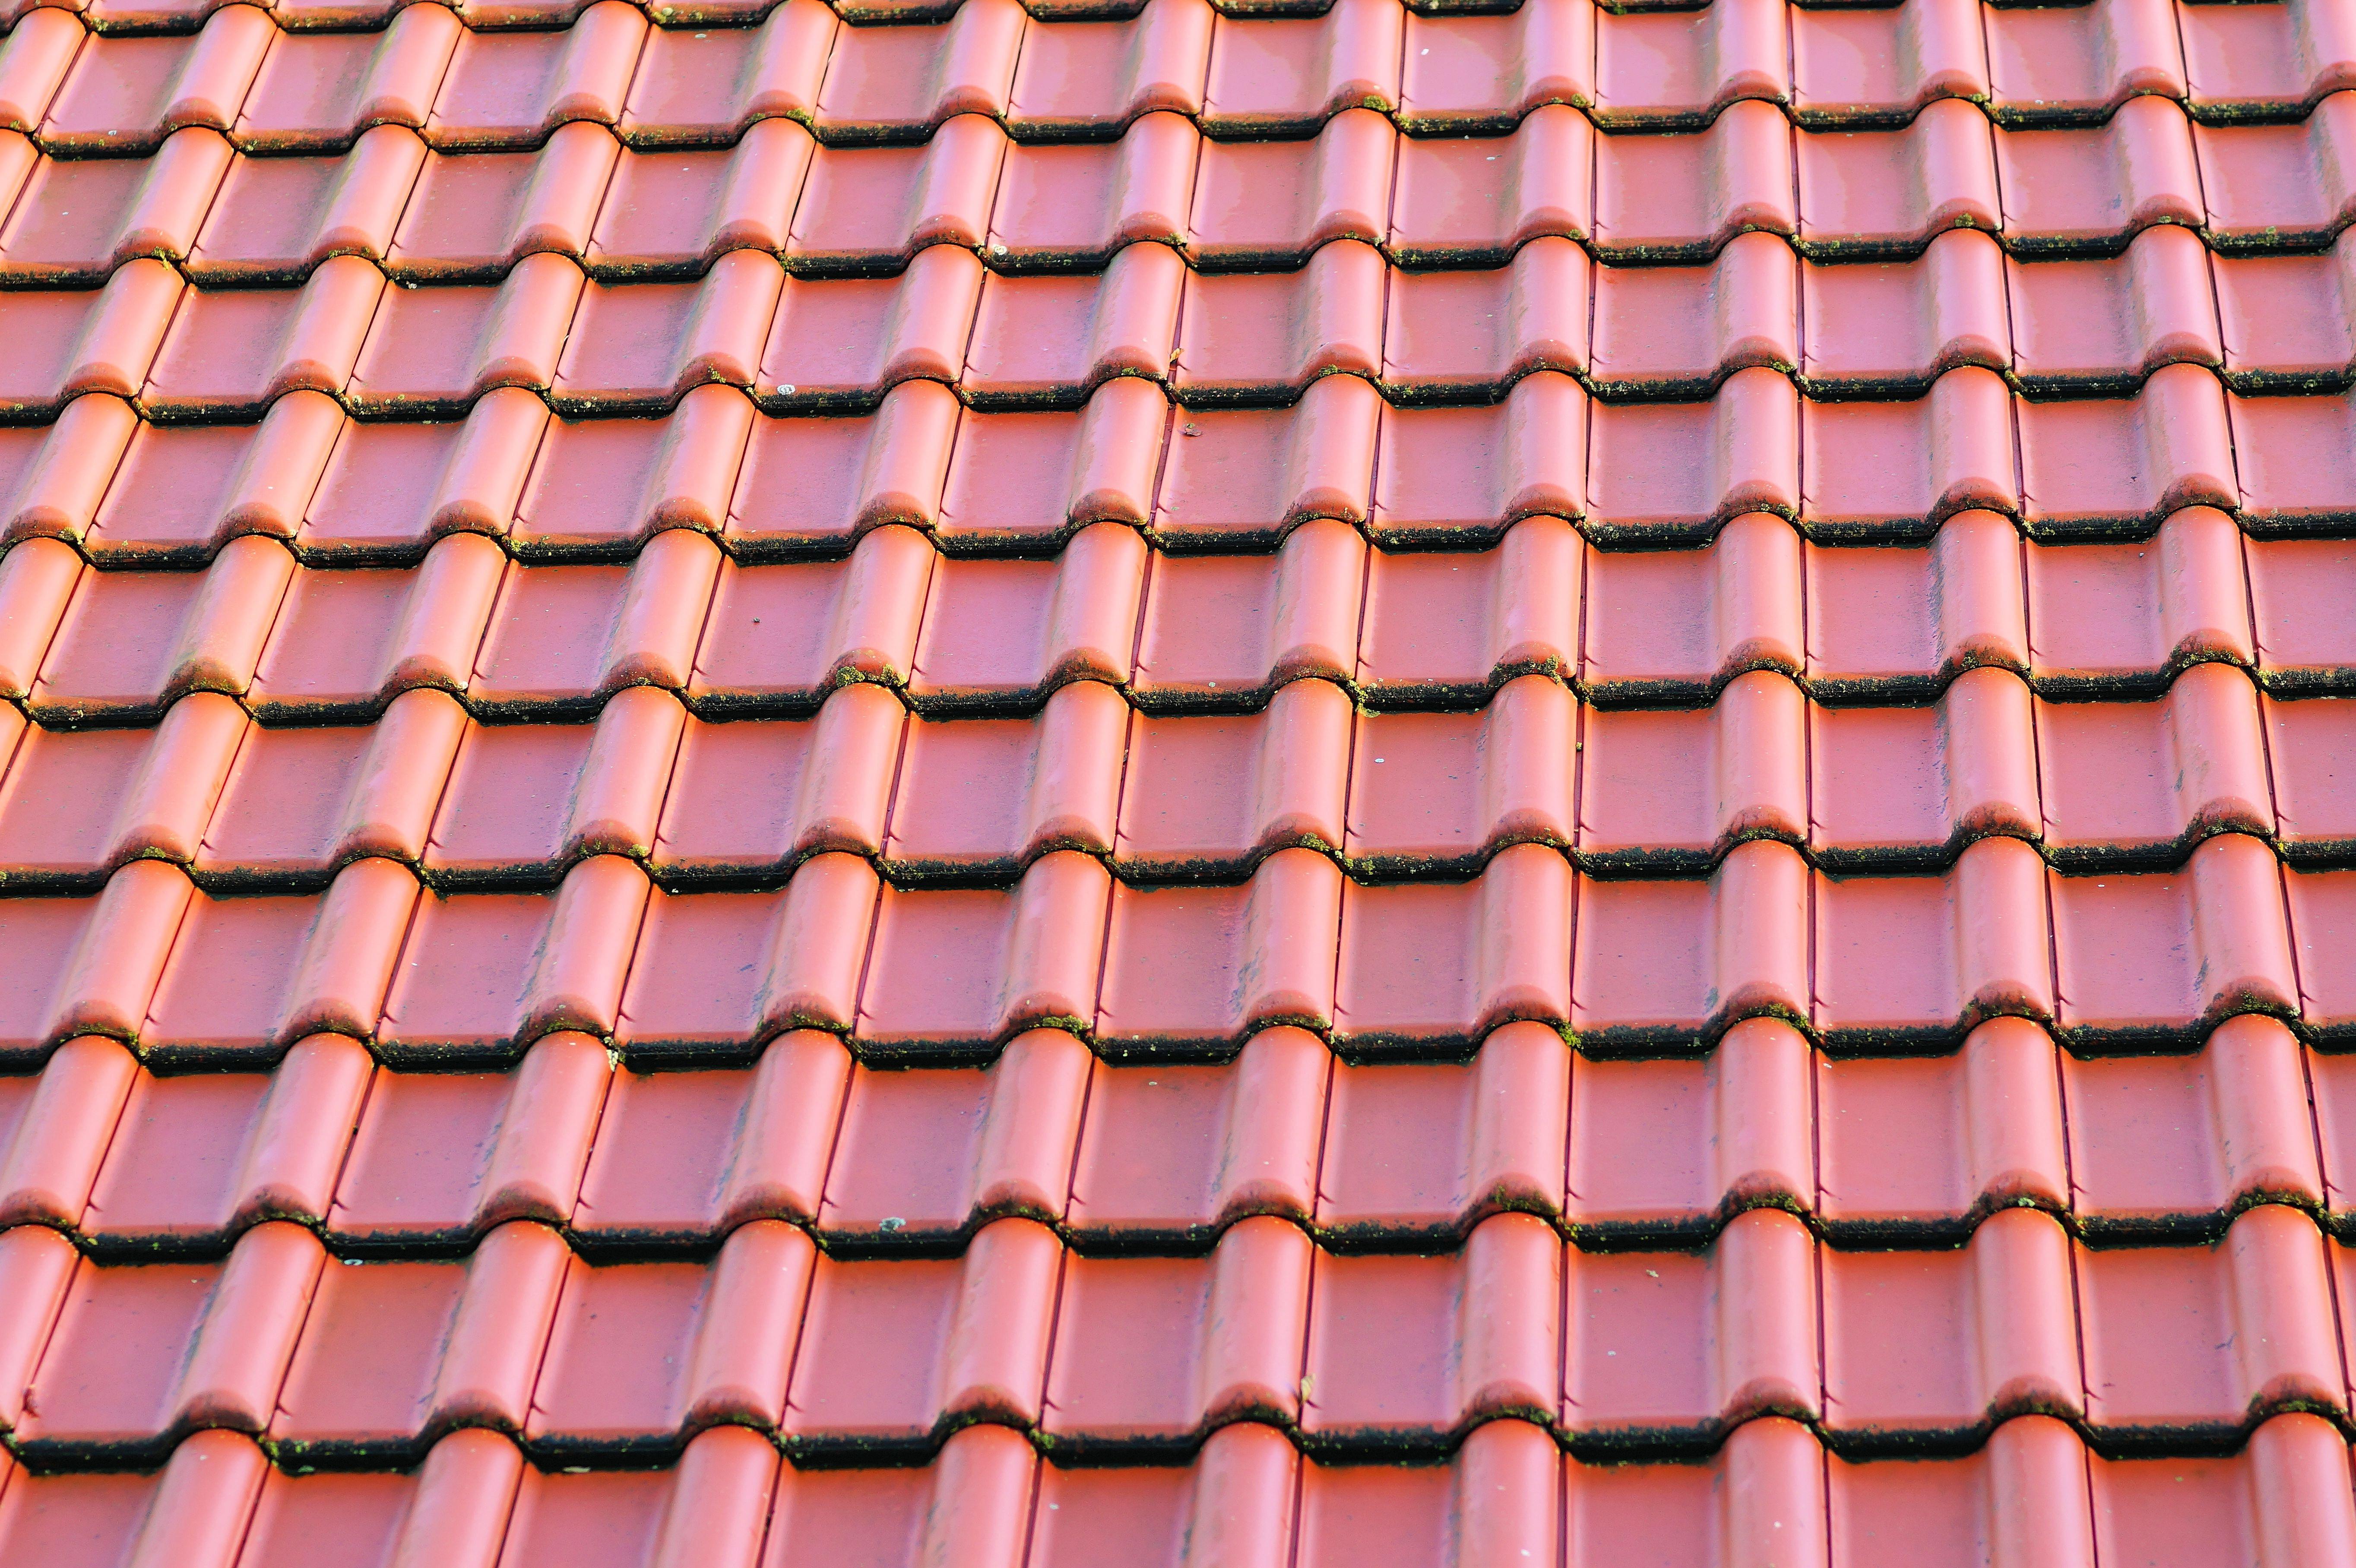 Gambar Arsitektur Lantai Rumah Pola Garis Merah